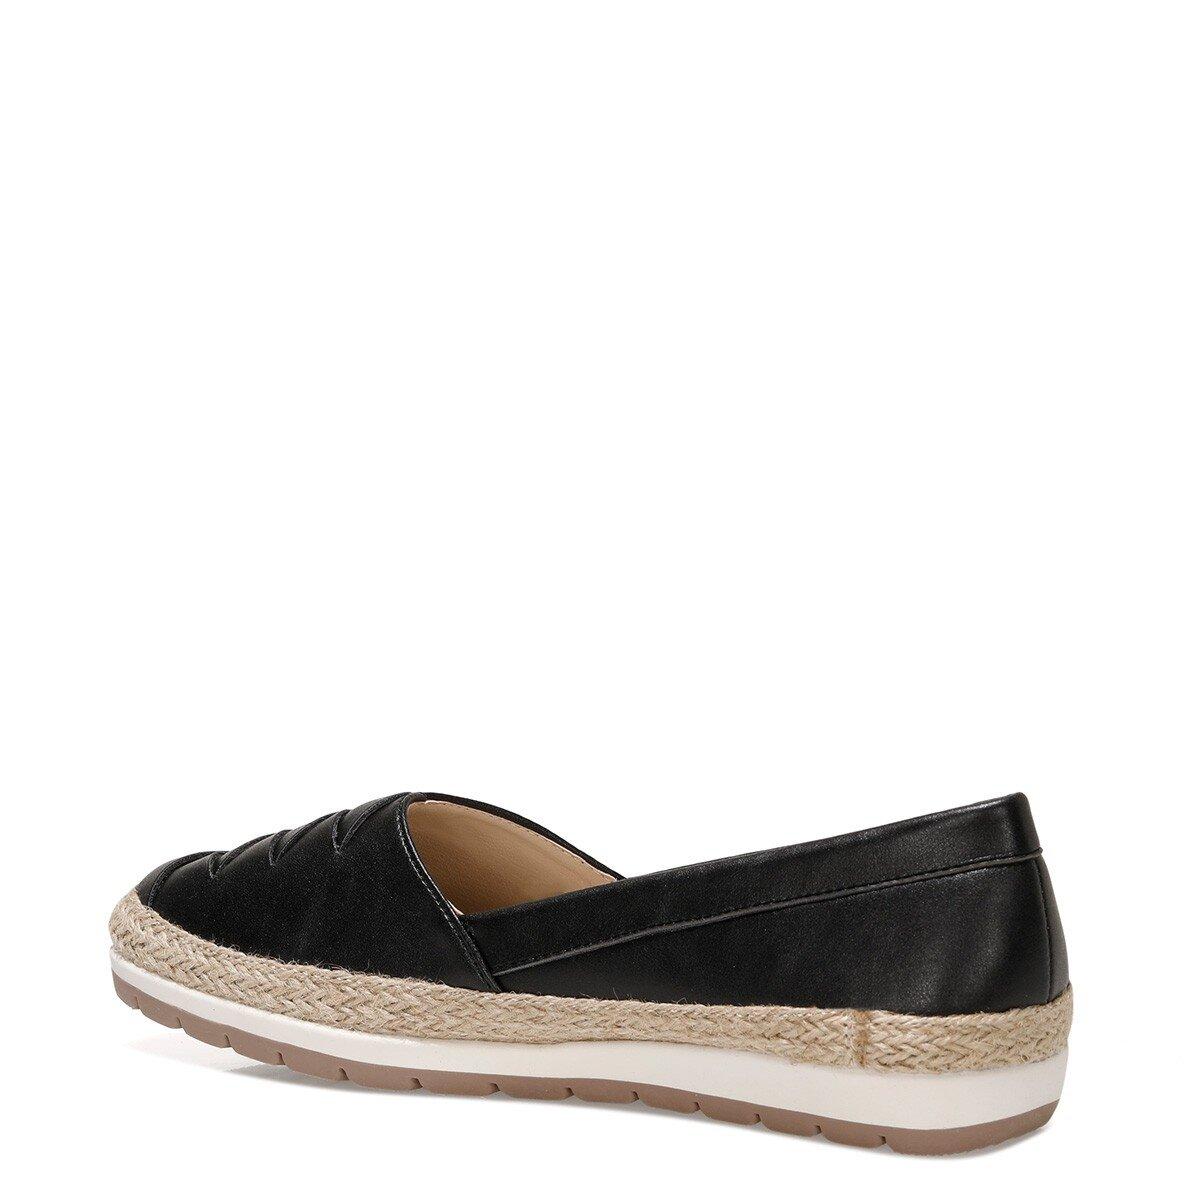 ABALINIEL 1FX Siyah Kadın Slip On Ayakkabı